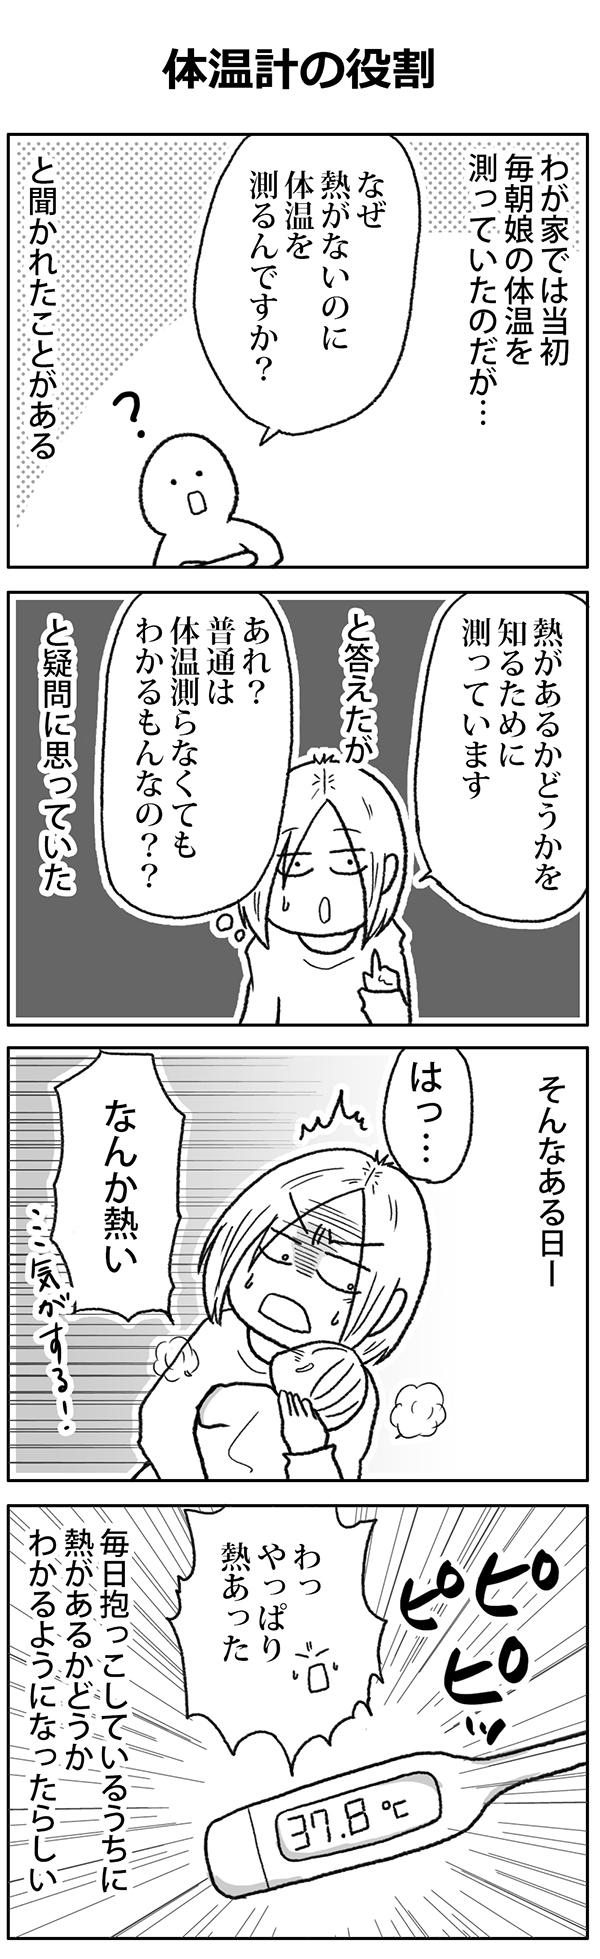 katakrico_94